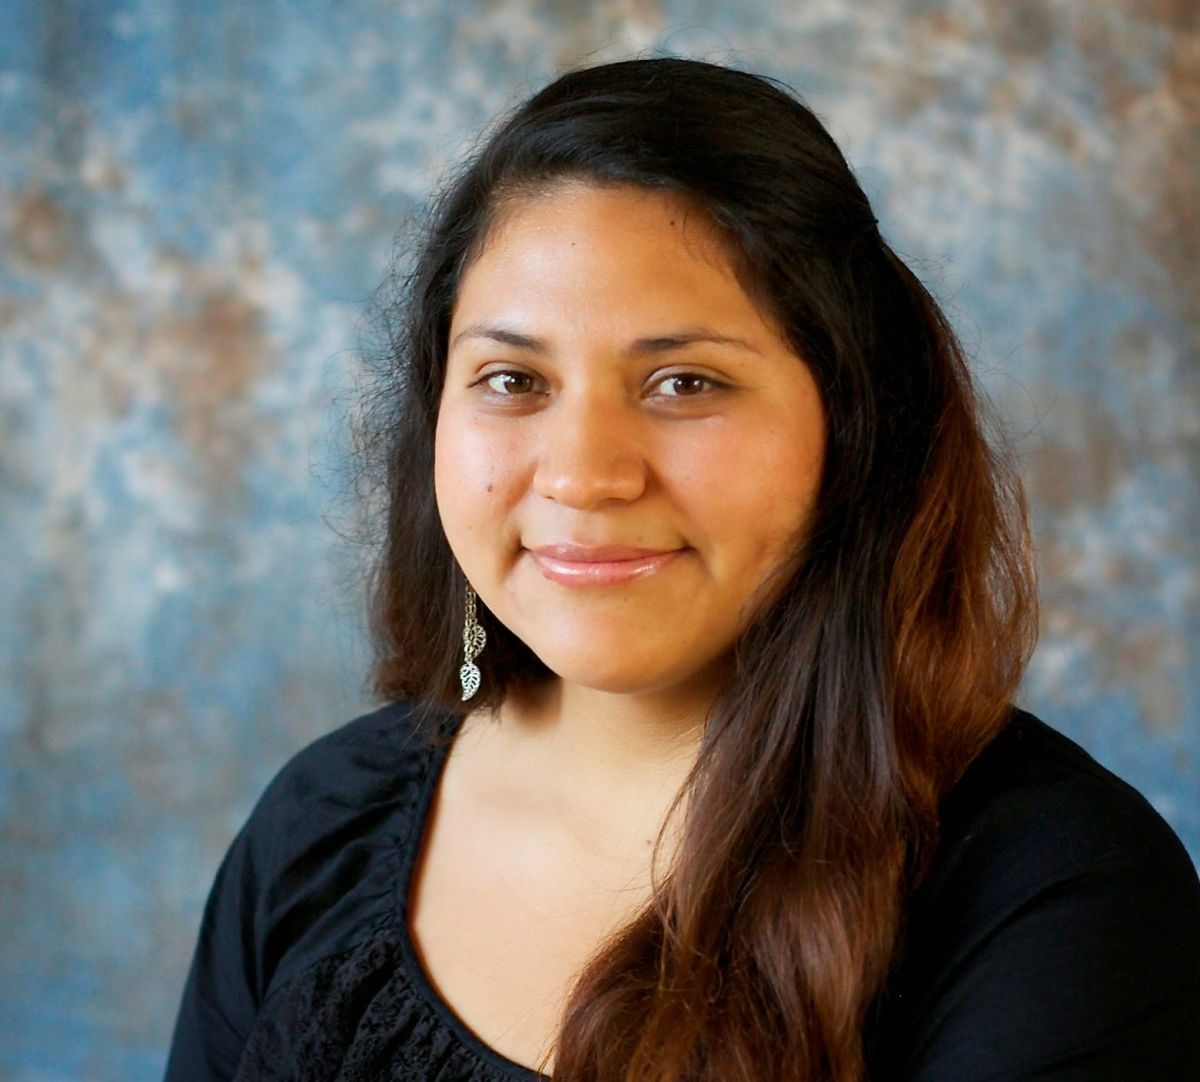 DACAmentada mexicana, la primera en obtener un doctorado en Claremont University